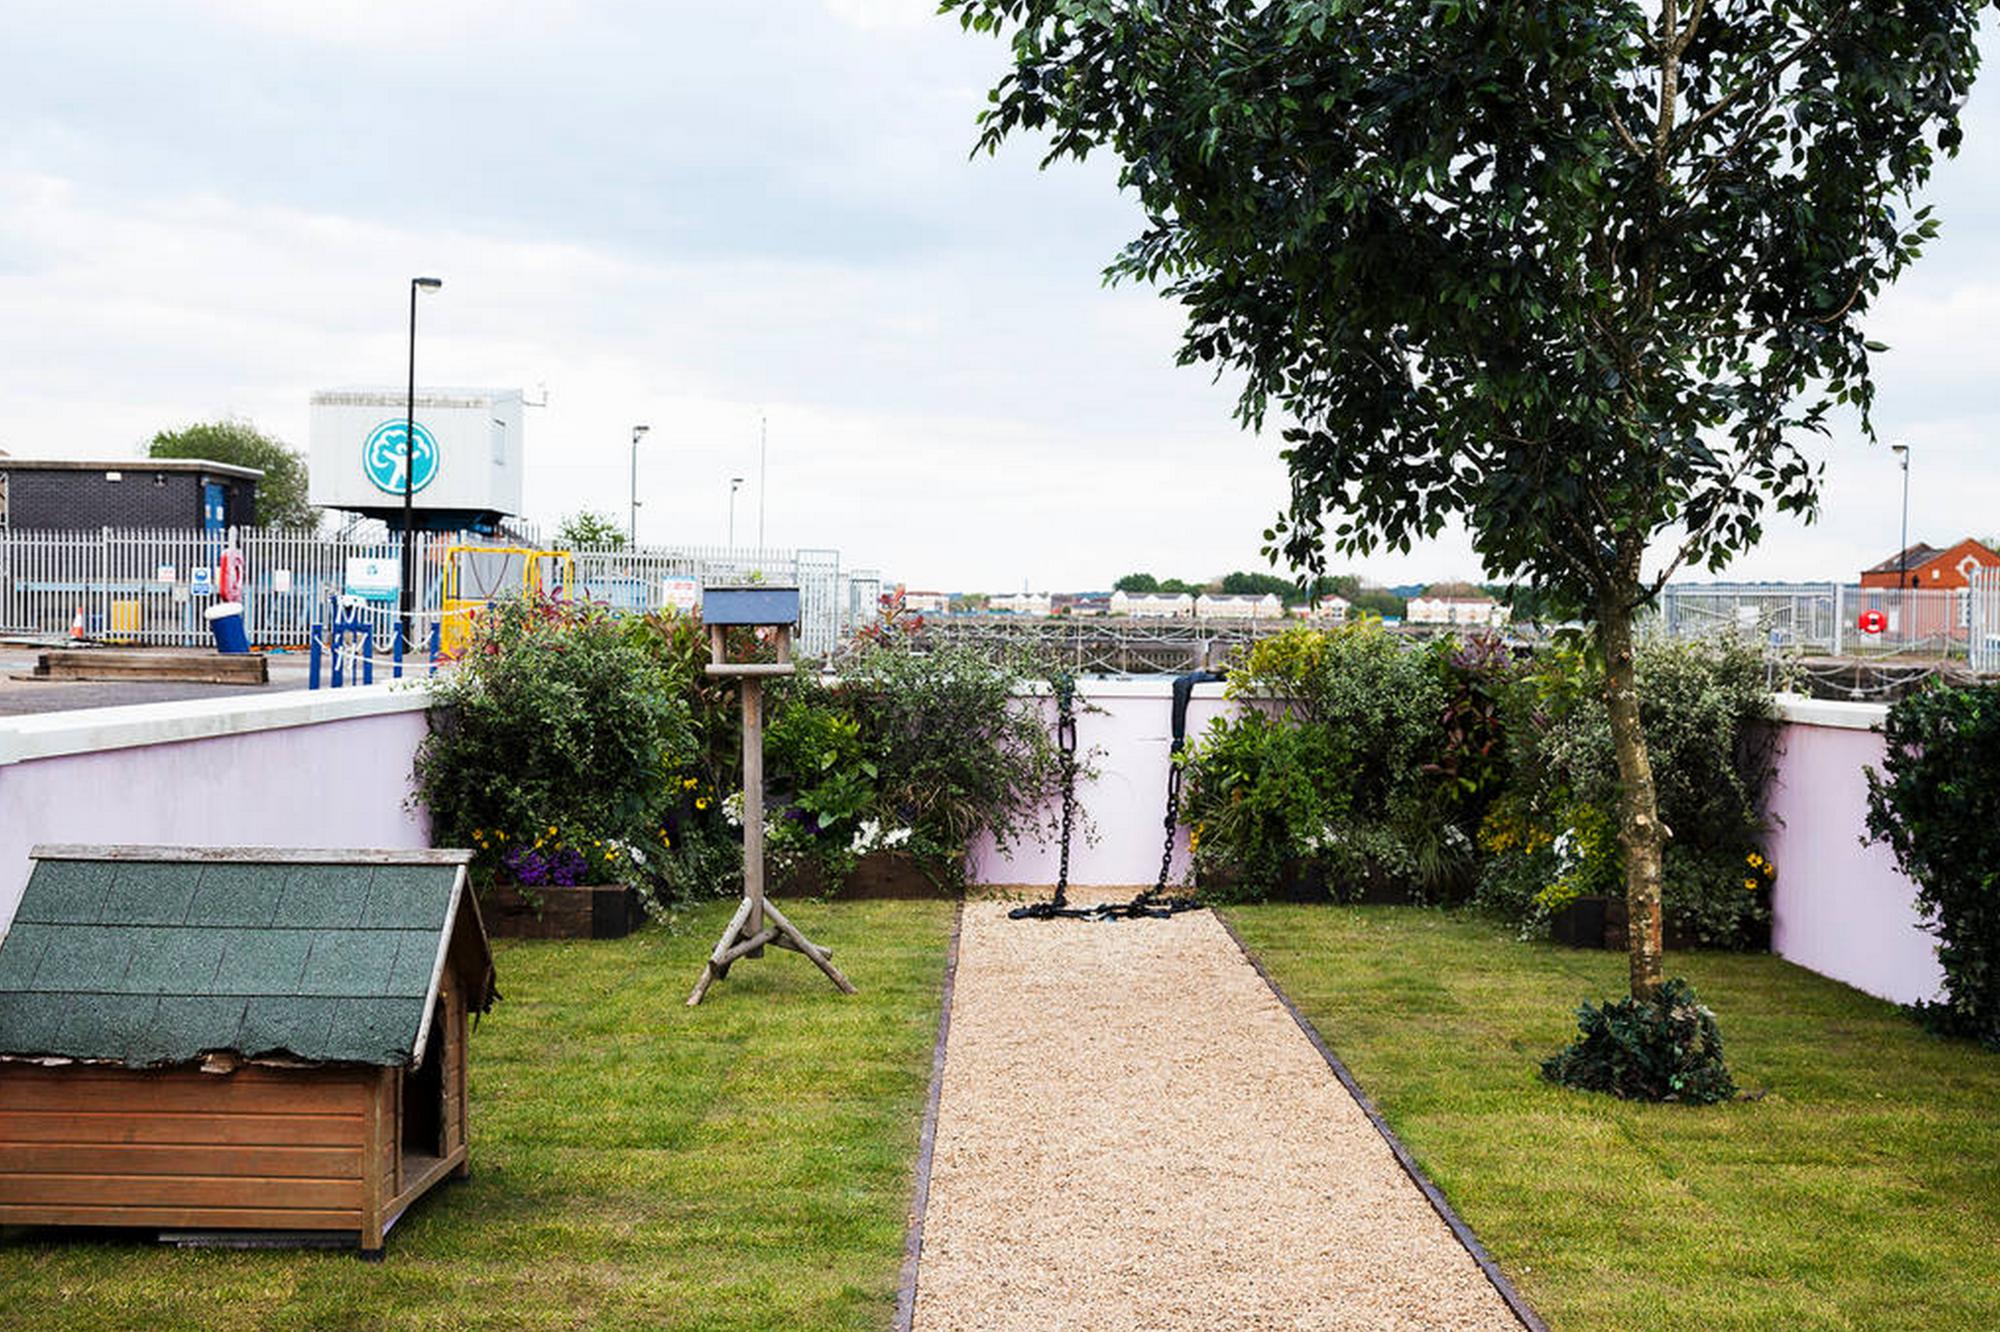 El jardín cuenta con una perrera, una pileta para pájaros y un manzano. Imagen cortesía de Airbnb